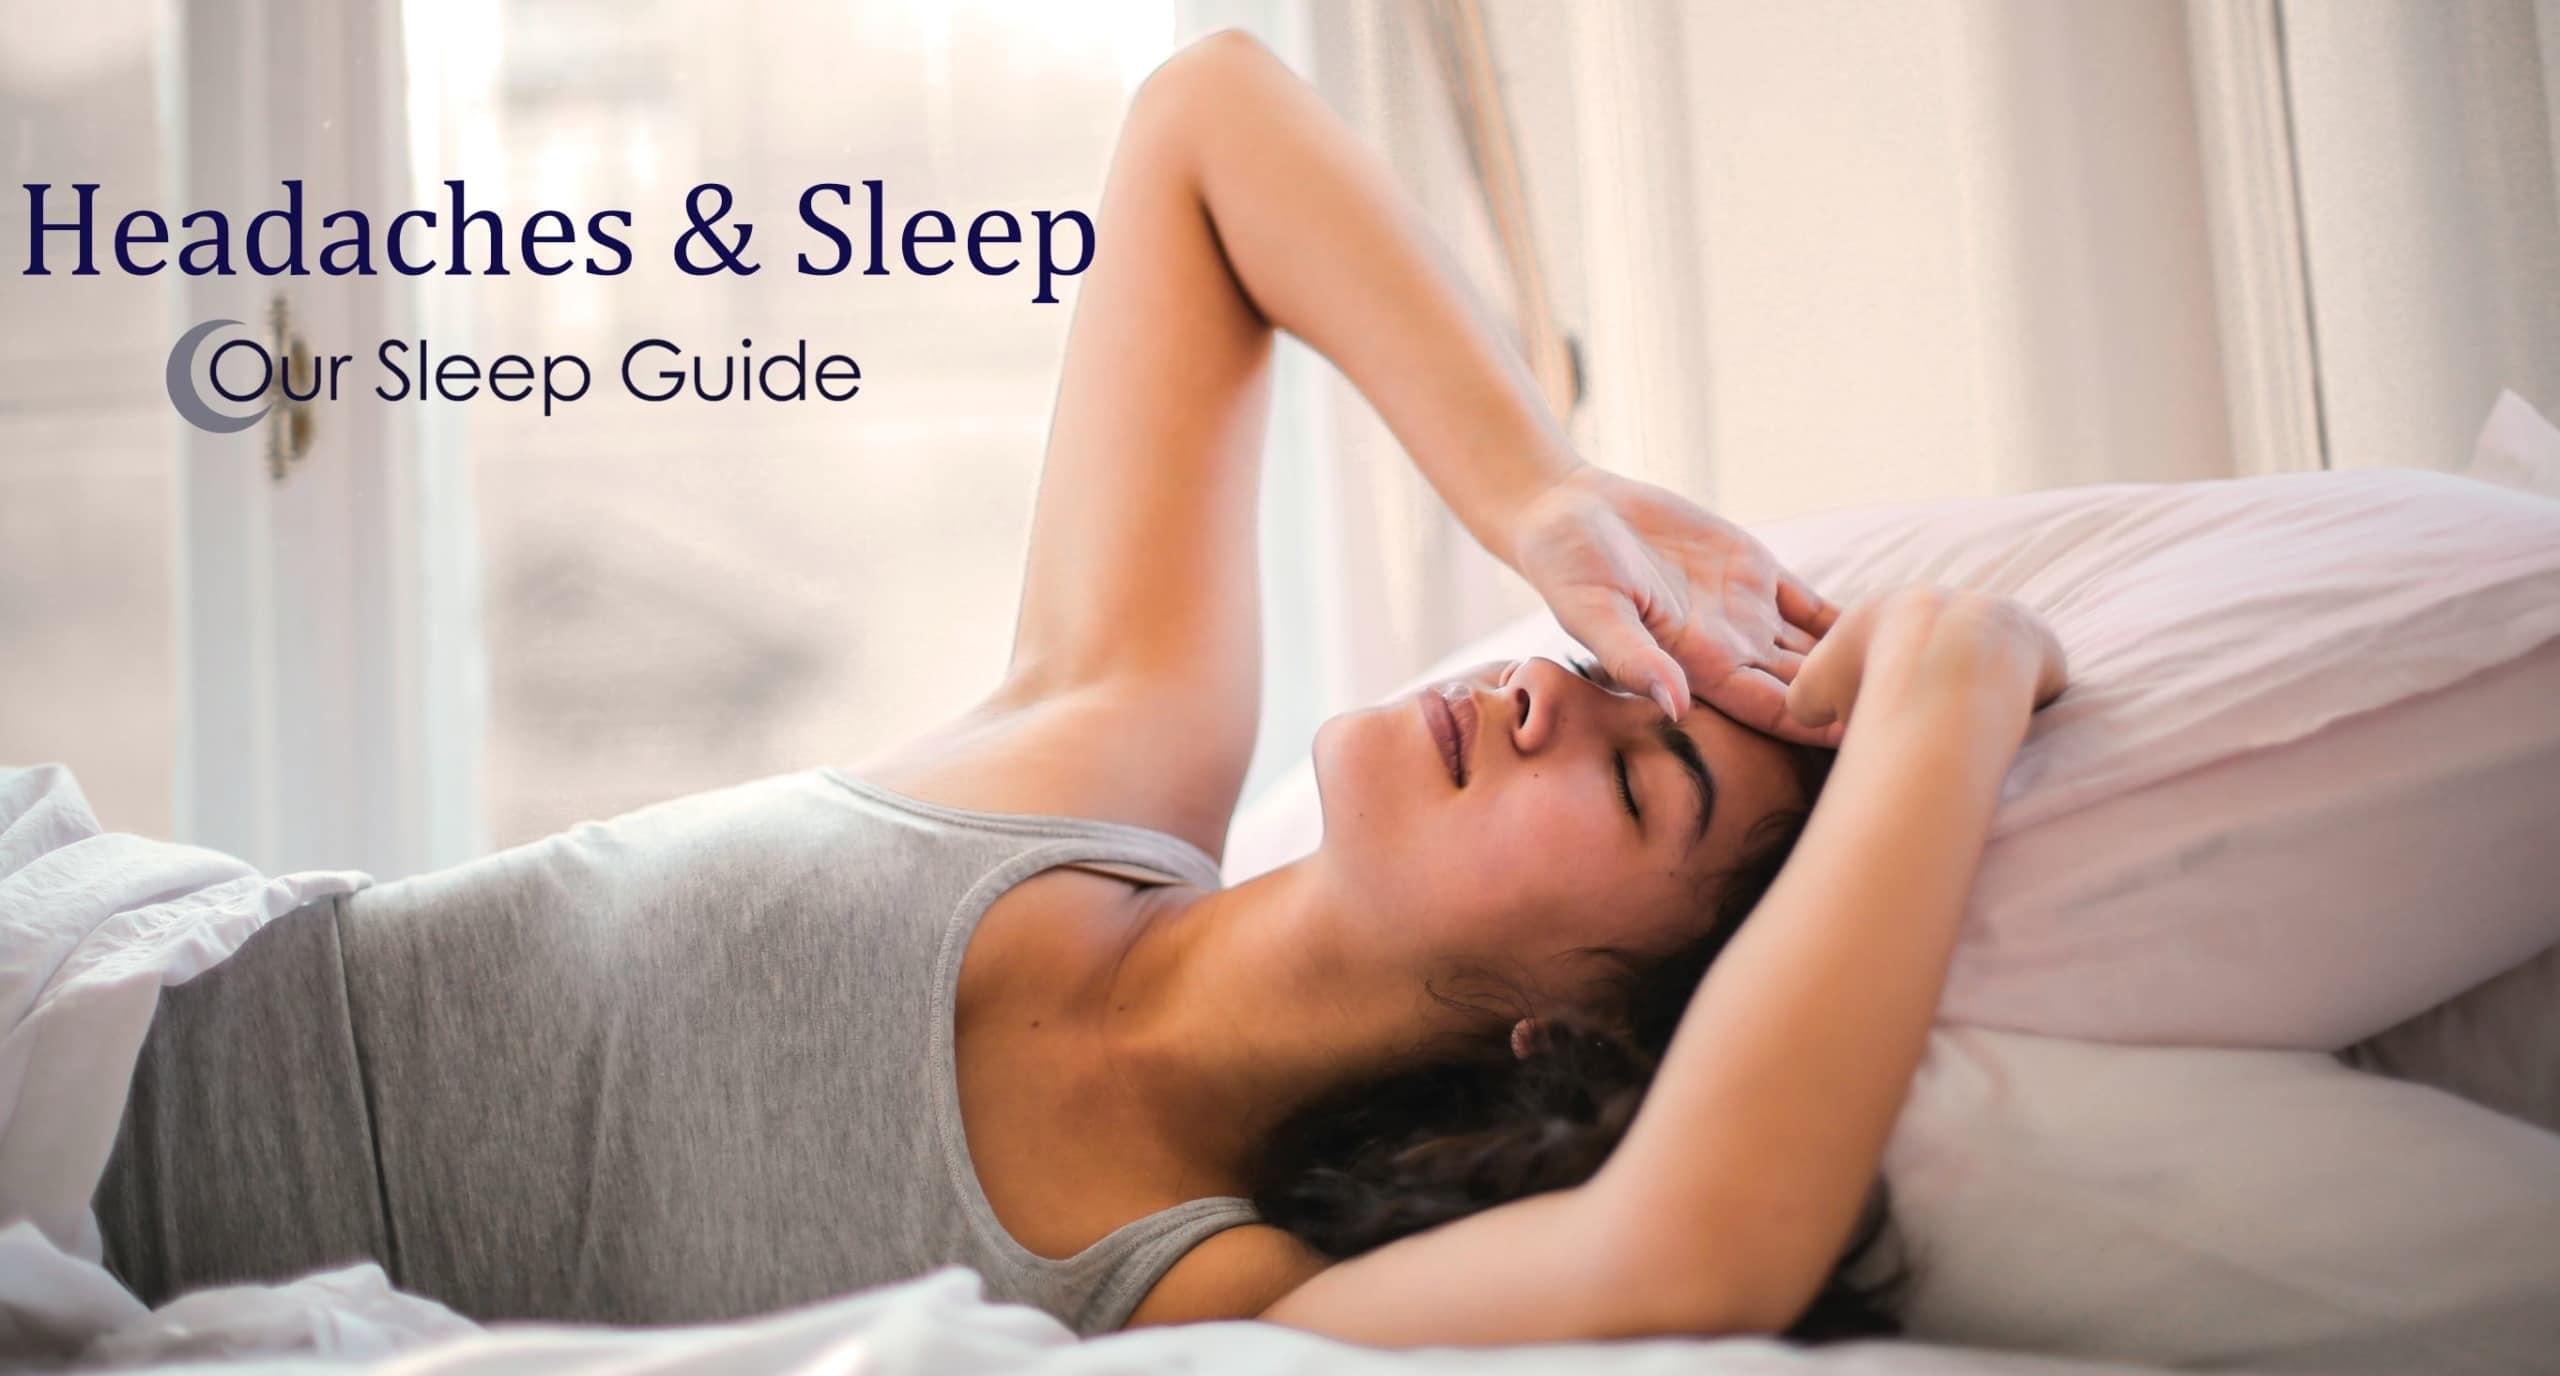 sleeping and headaches